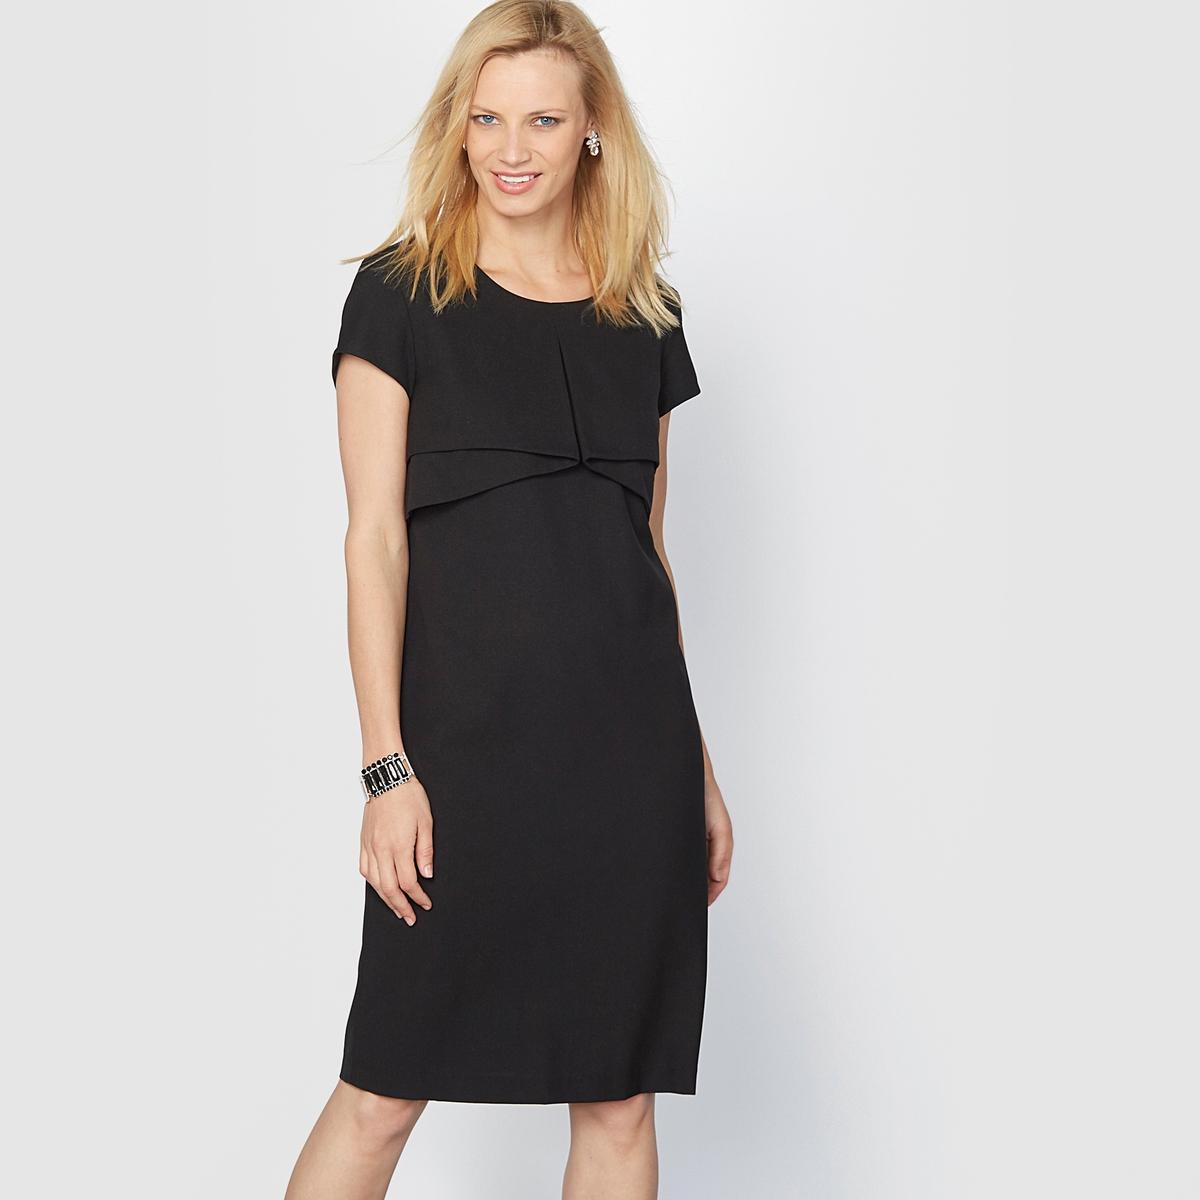 Платье из крепа, драпированные складкиКрасивое платье. Круглый вырез. Драпированные складки спереди и сзади. Короткие рукава. Скрытая молния и шлица сзади.Состав и описание :Материал : Креп 95% полиэстера, 5% эластана.Подкладка : 100% полиэстера.Длина 95 см.Марка : Anne WeyburnУход :Машинная стирка при 30 °C в умеренном режиме .Гладить при умеренной температуре.<br><br>Цвет: черный<br>Размер: 50 (FR) - 56 (RUS)